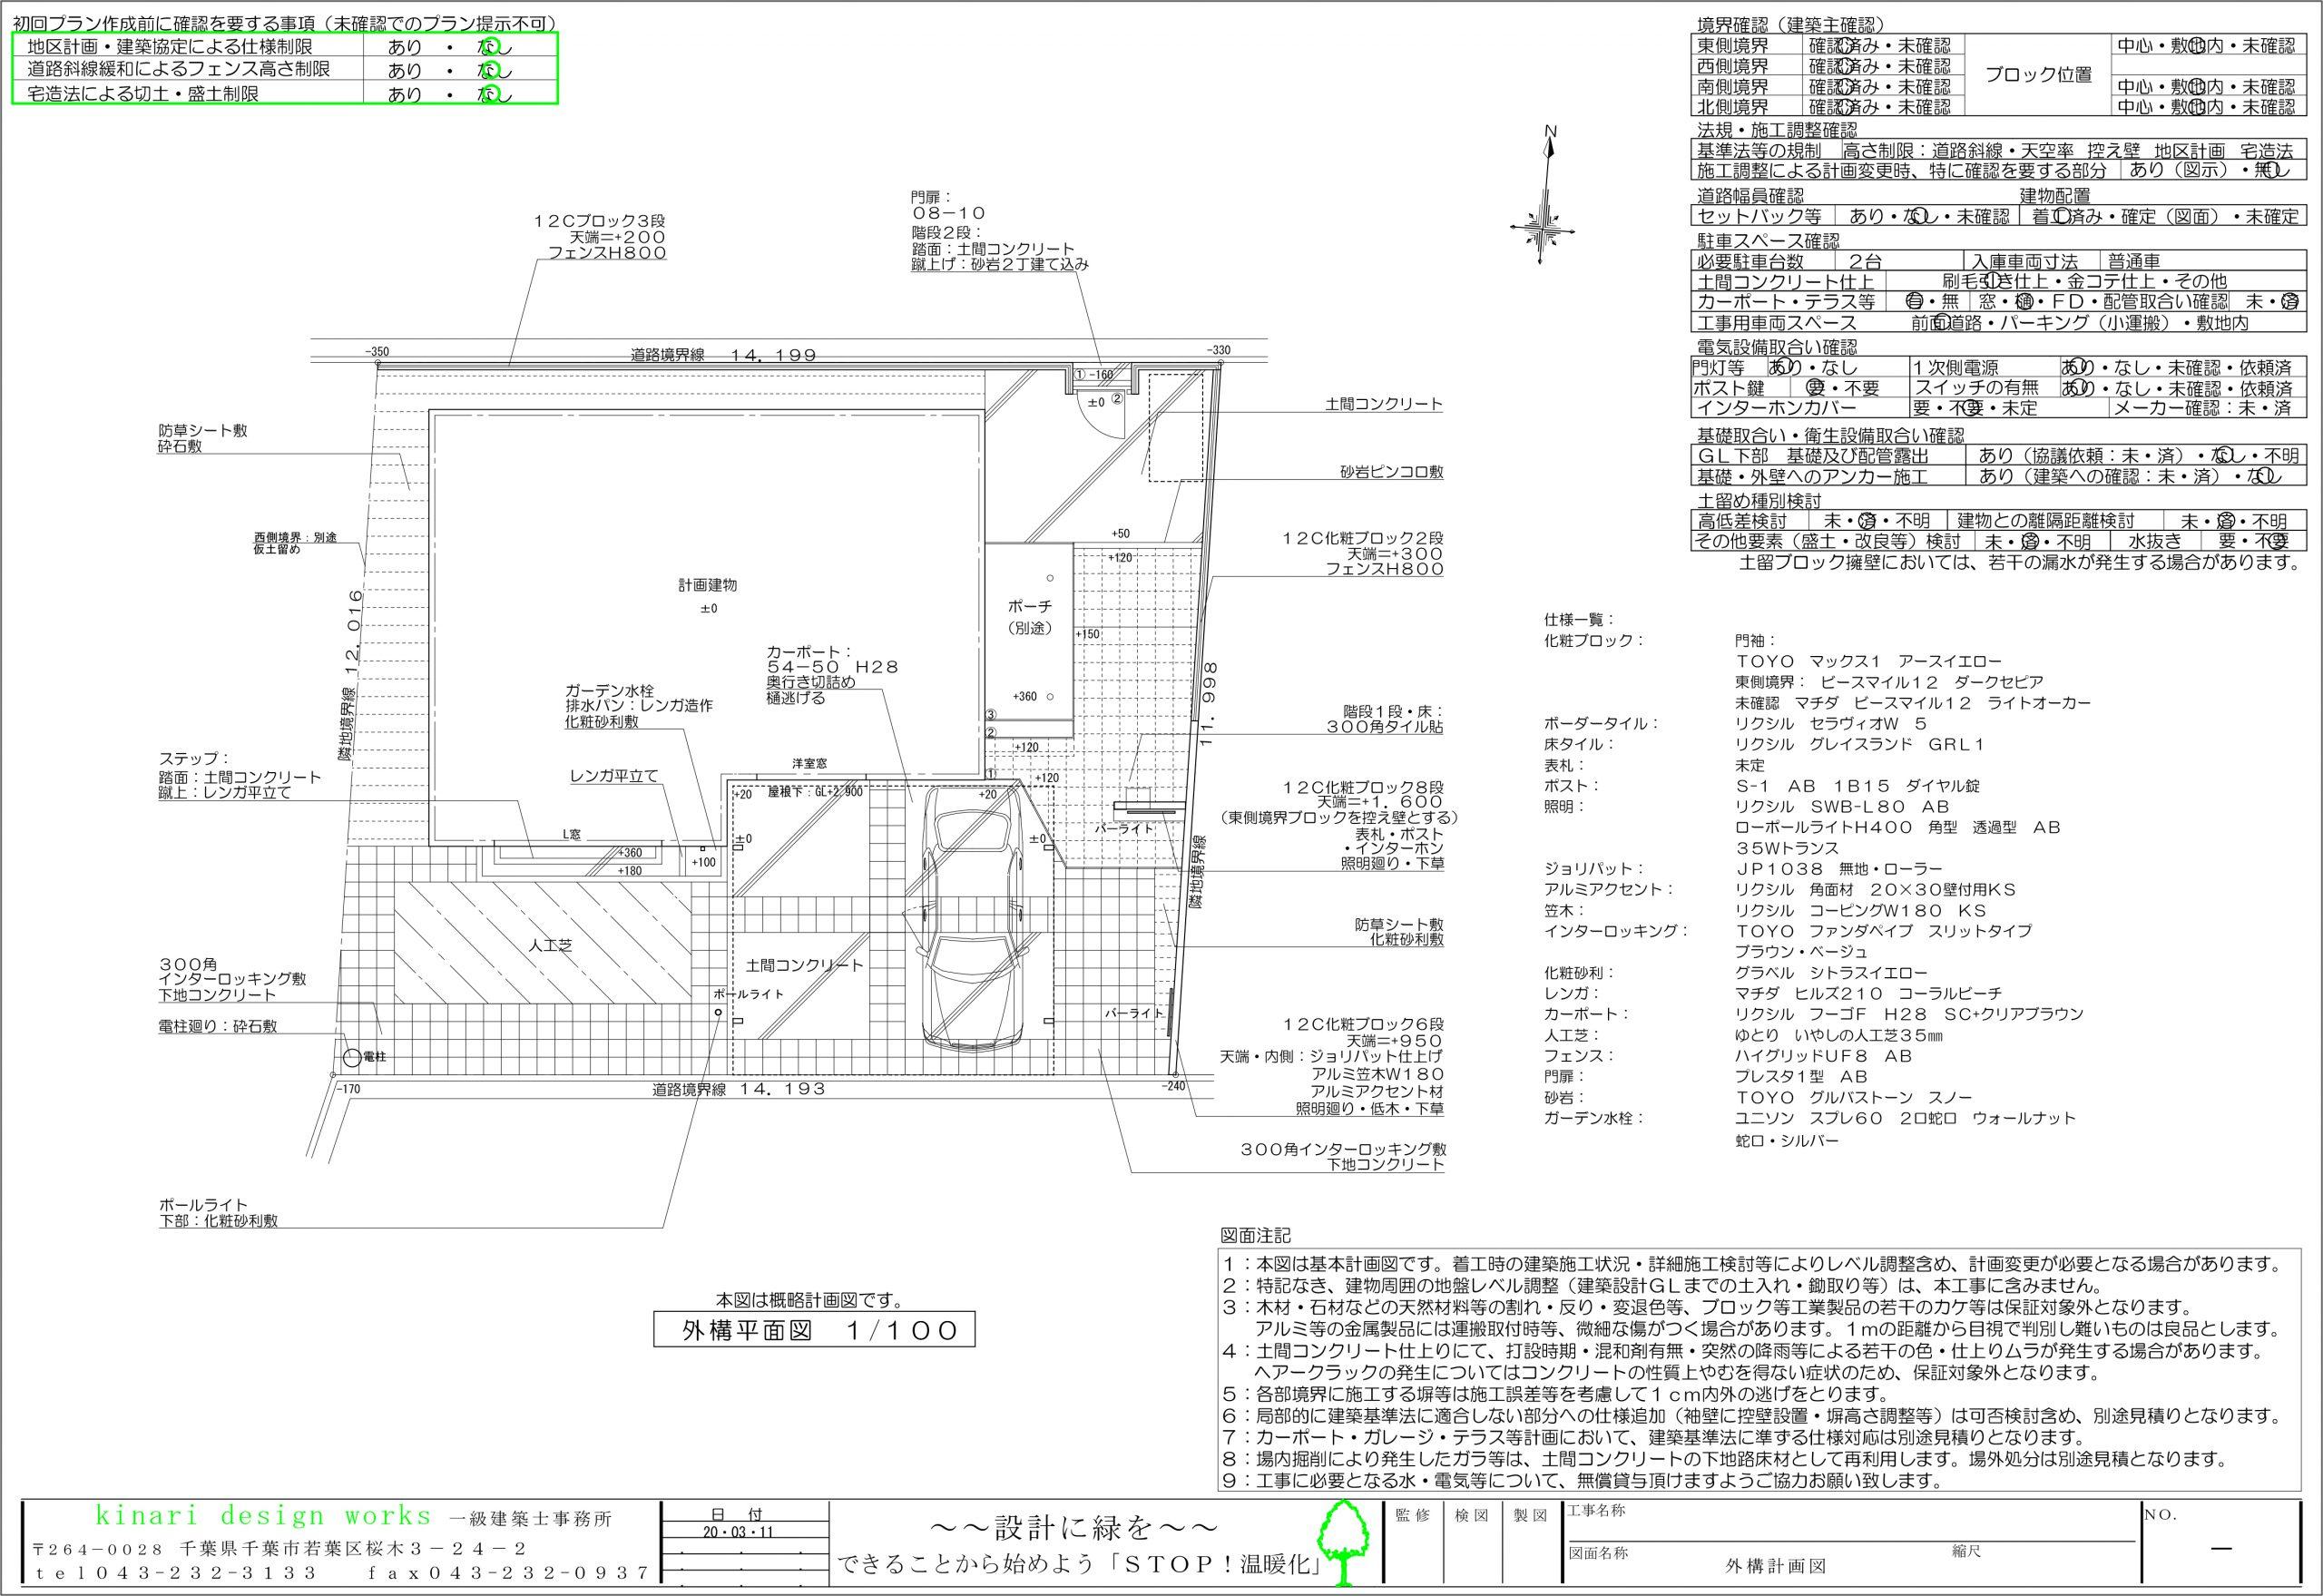 千葉市。<br>カジュアルな春ベージュ。<br>オープンスタイルのフロントガーデン。2